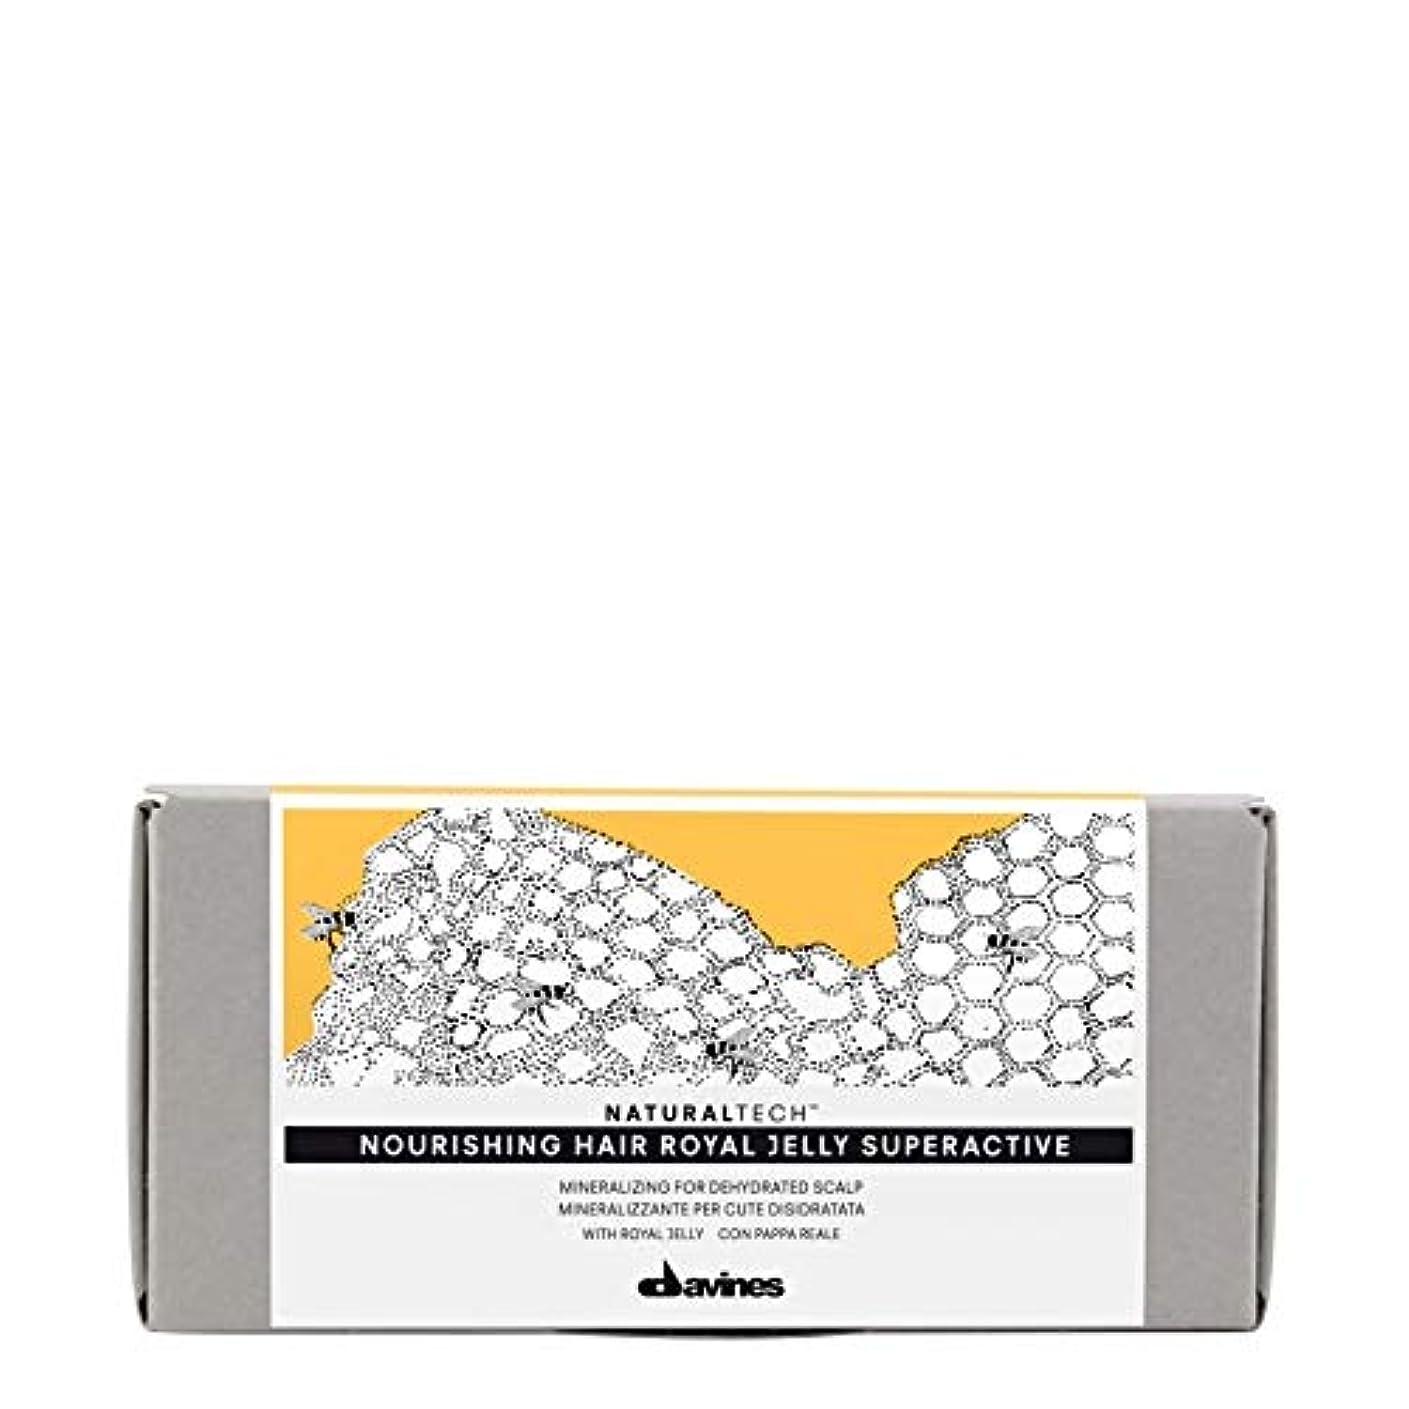 入場料忍耐廊下[Davines ] ダヴィネス栄養髪ローヤルゼリー超活性 - Davines Nourishing Hair Royal Jelly Superactive [並行輸入品]